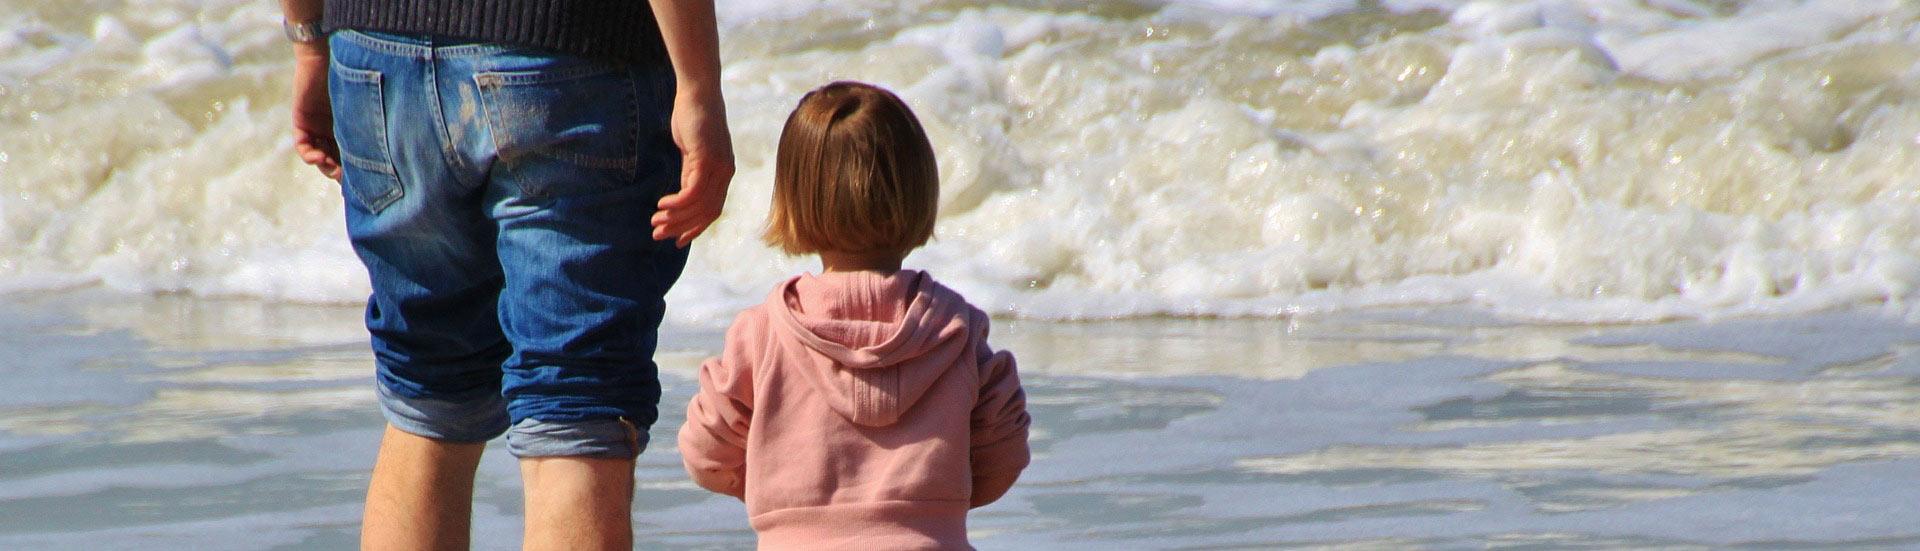 Missgeschicke beim Reisen mit Kindern